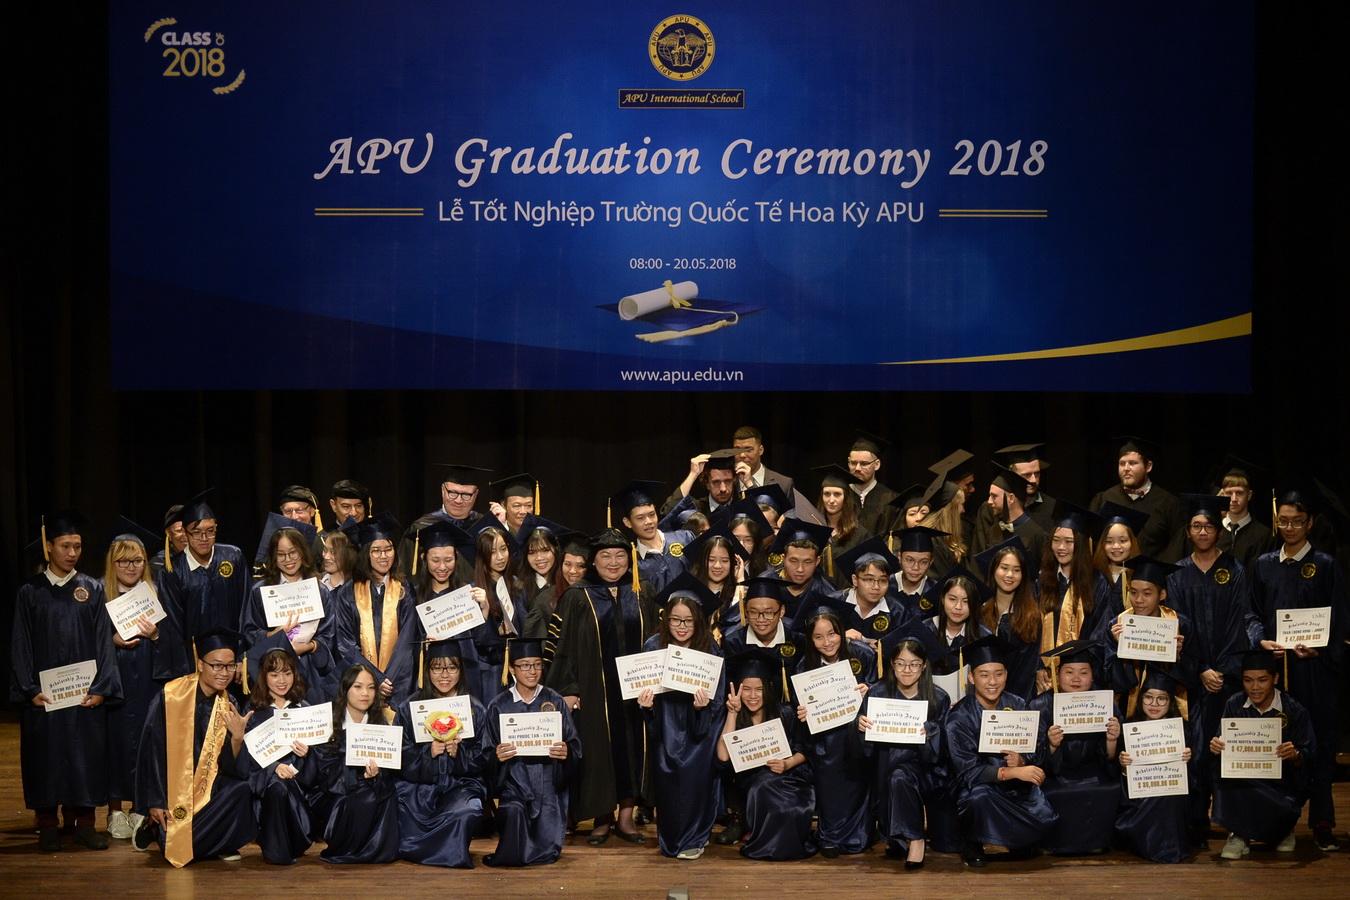 giáo dục quốc tế APU